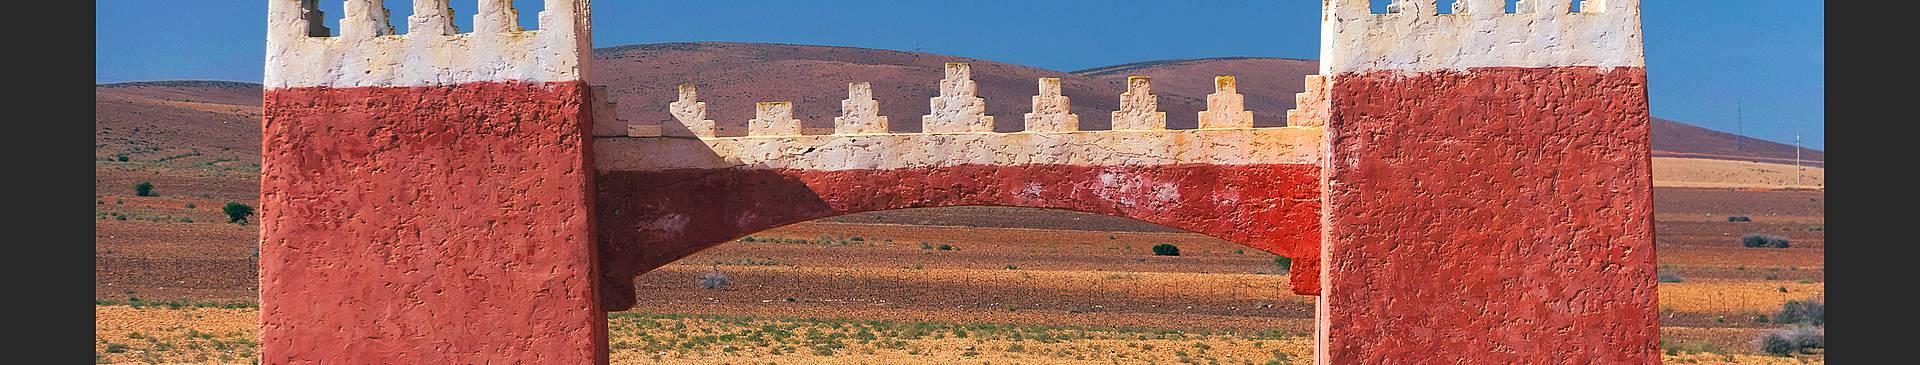 Zwei Wochen nach Marokko